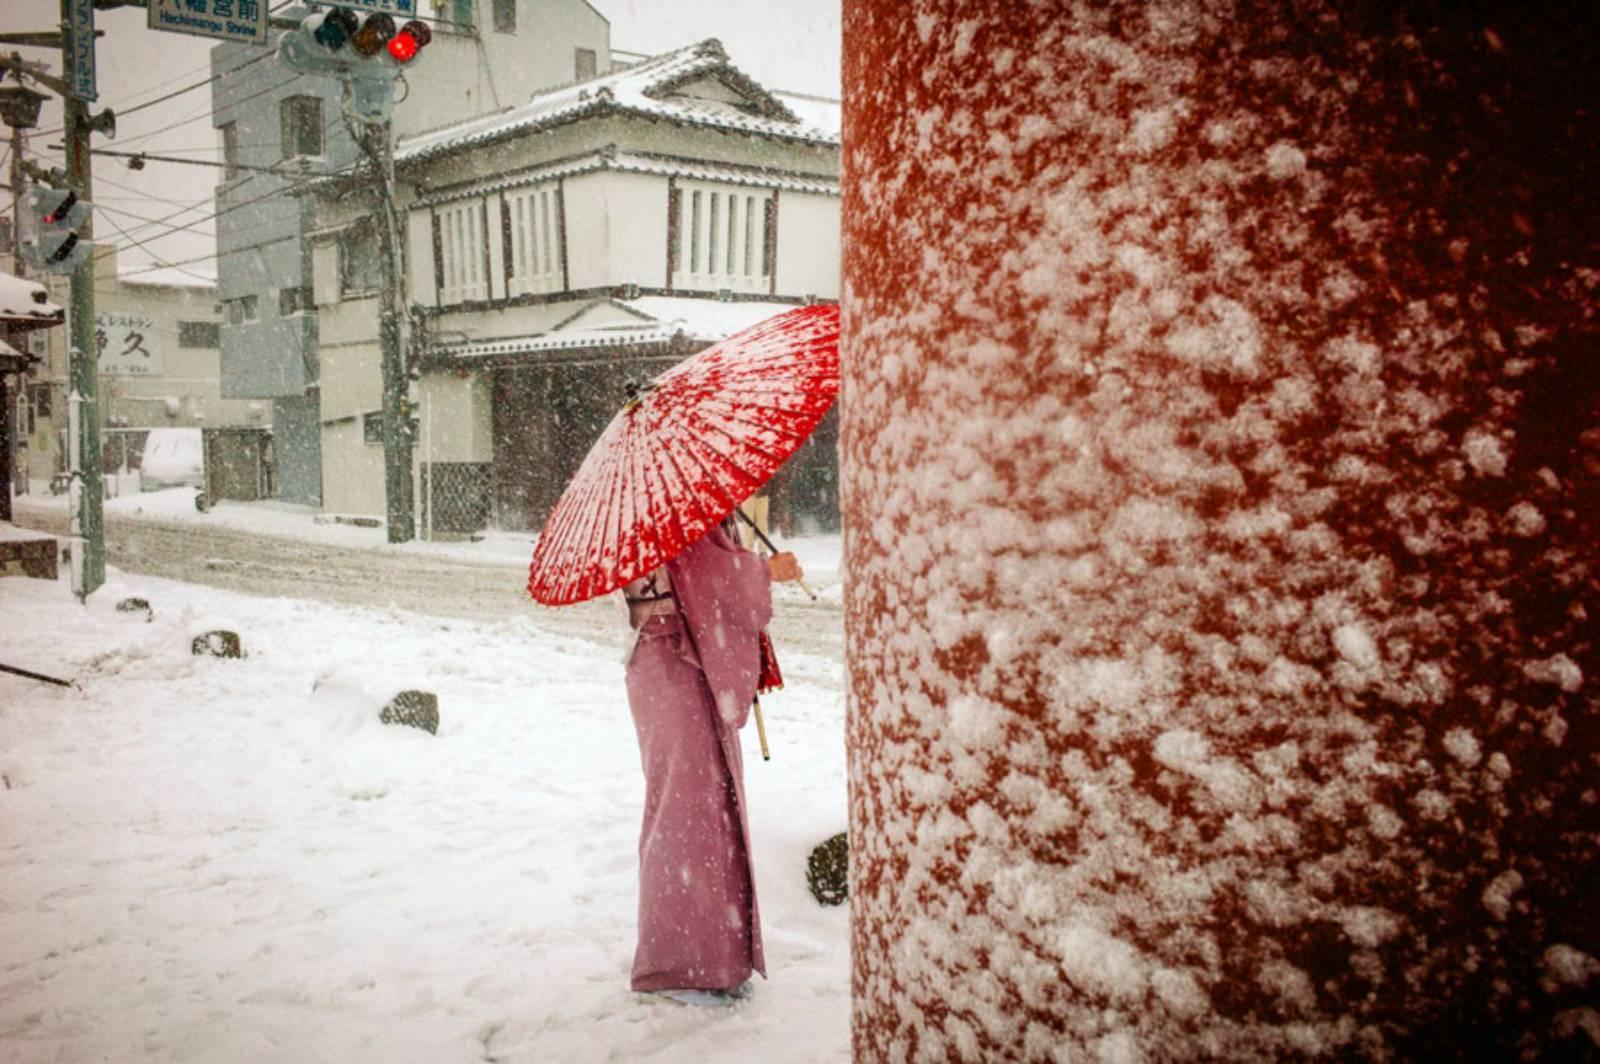 Heavy Snow Day, Tsurugaoka Hachimangu Shrine, Yukinoshita, Kamakura, Feb 2014 ©️ Shin Noguchi